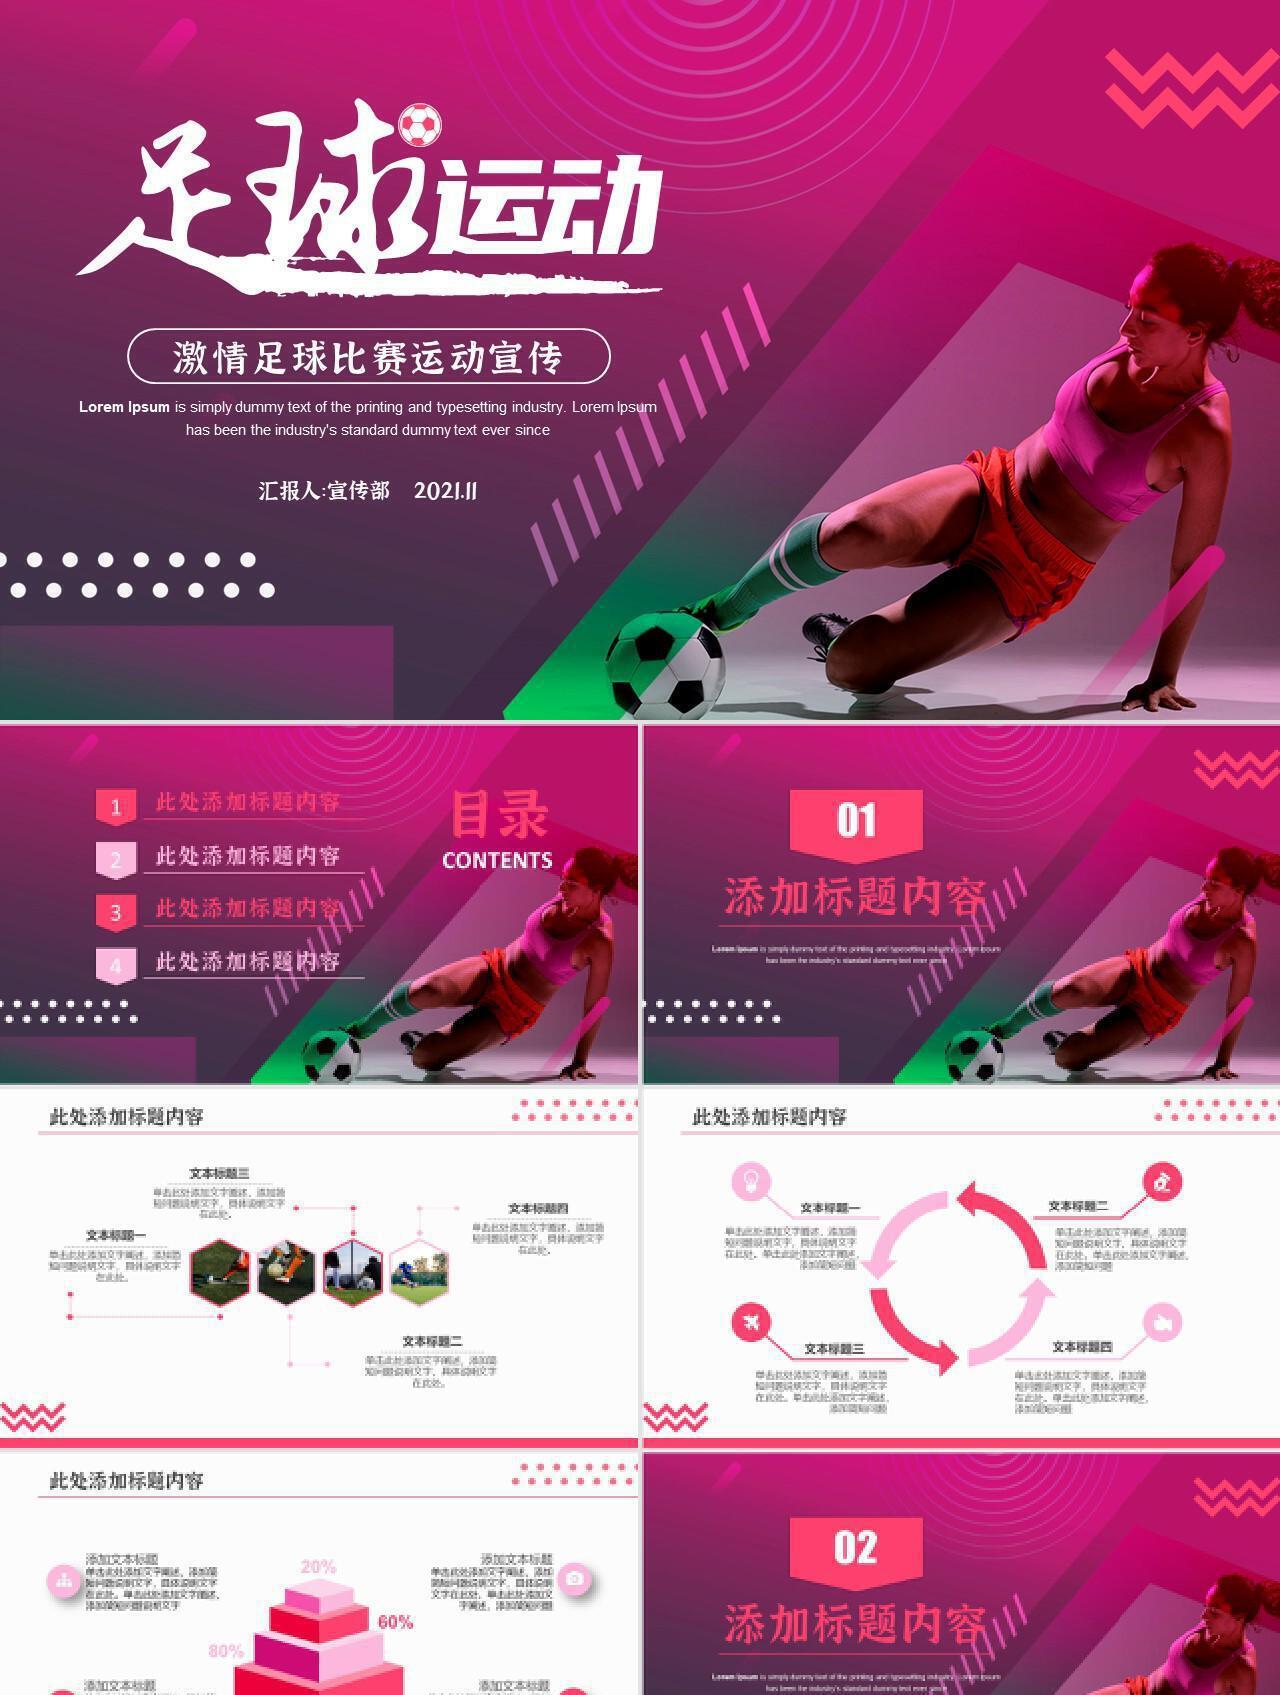 红色时尚炫酷足球比赛运动宣传PPT模板